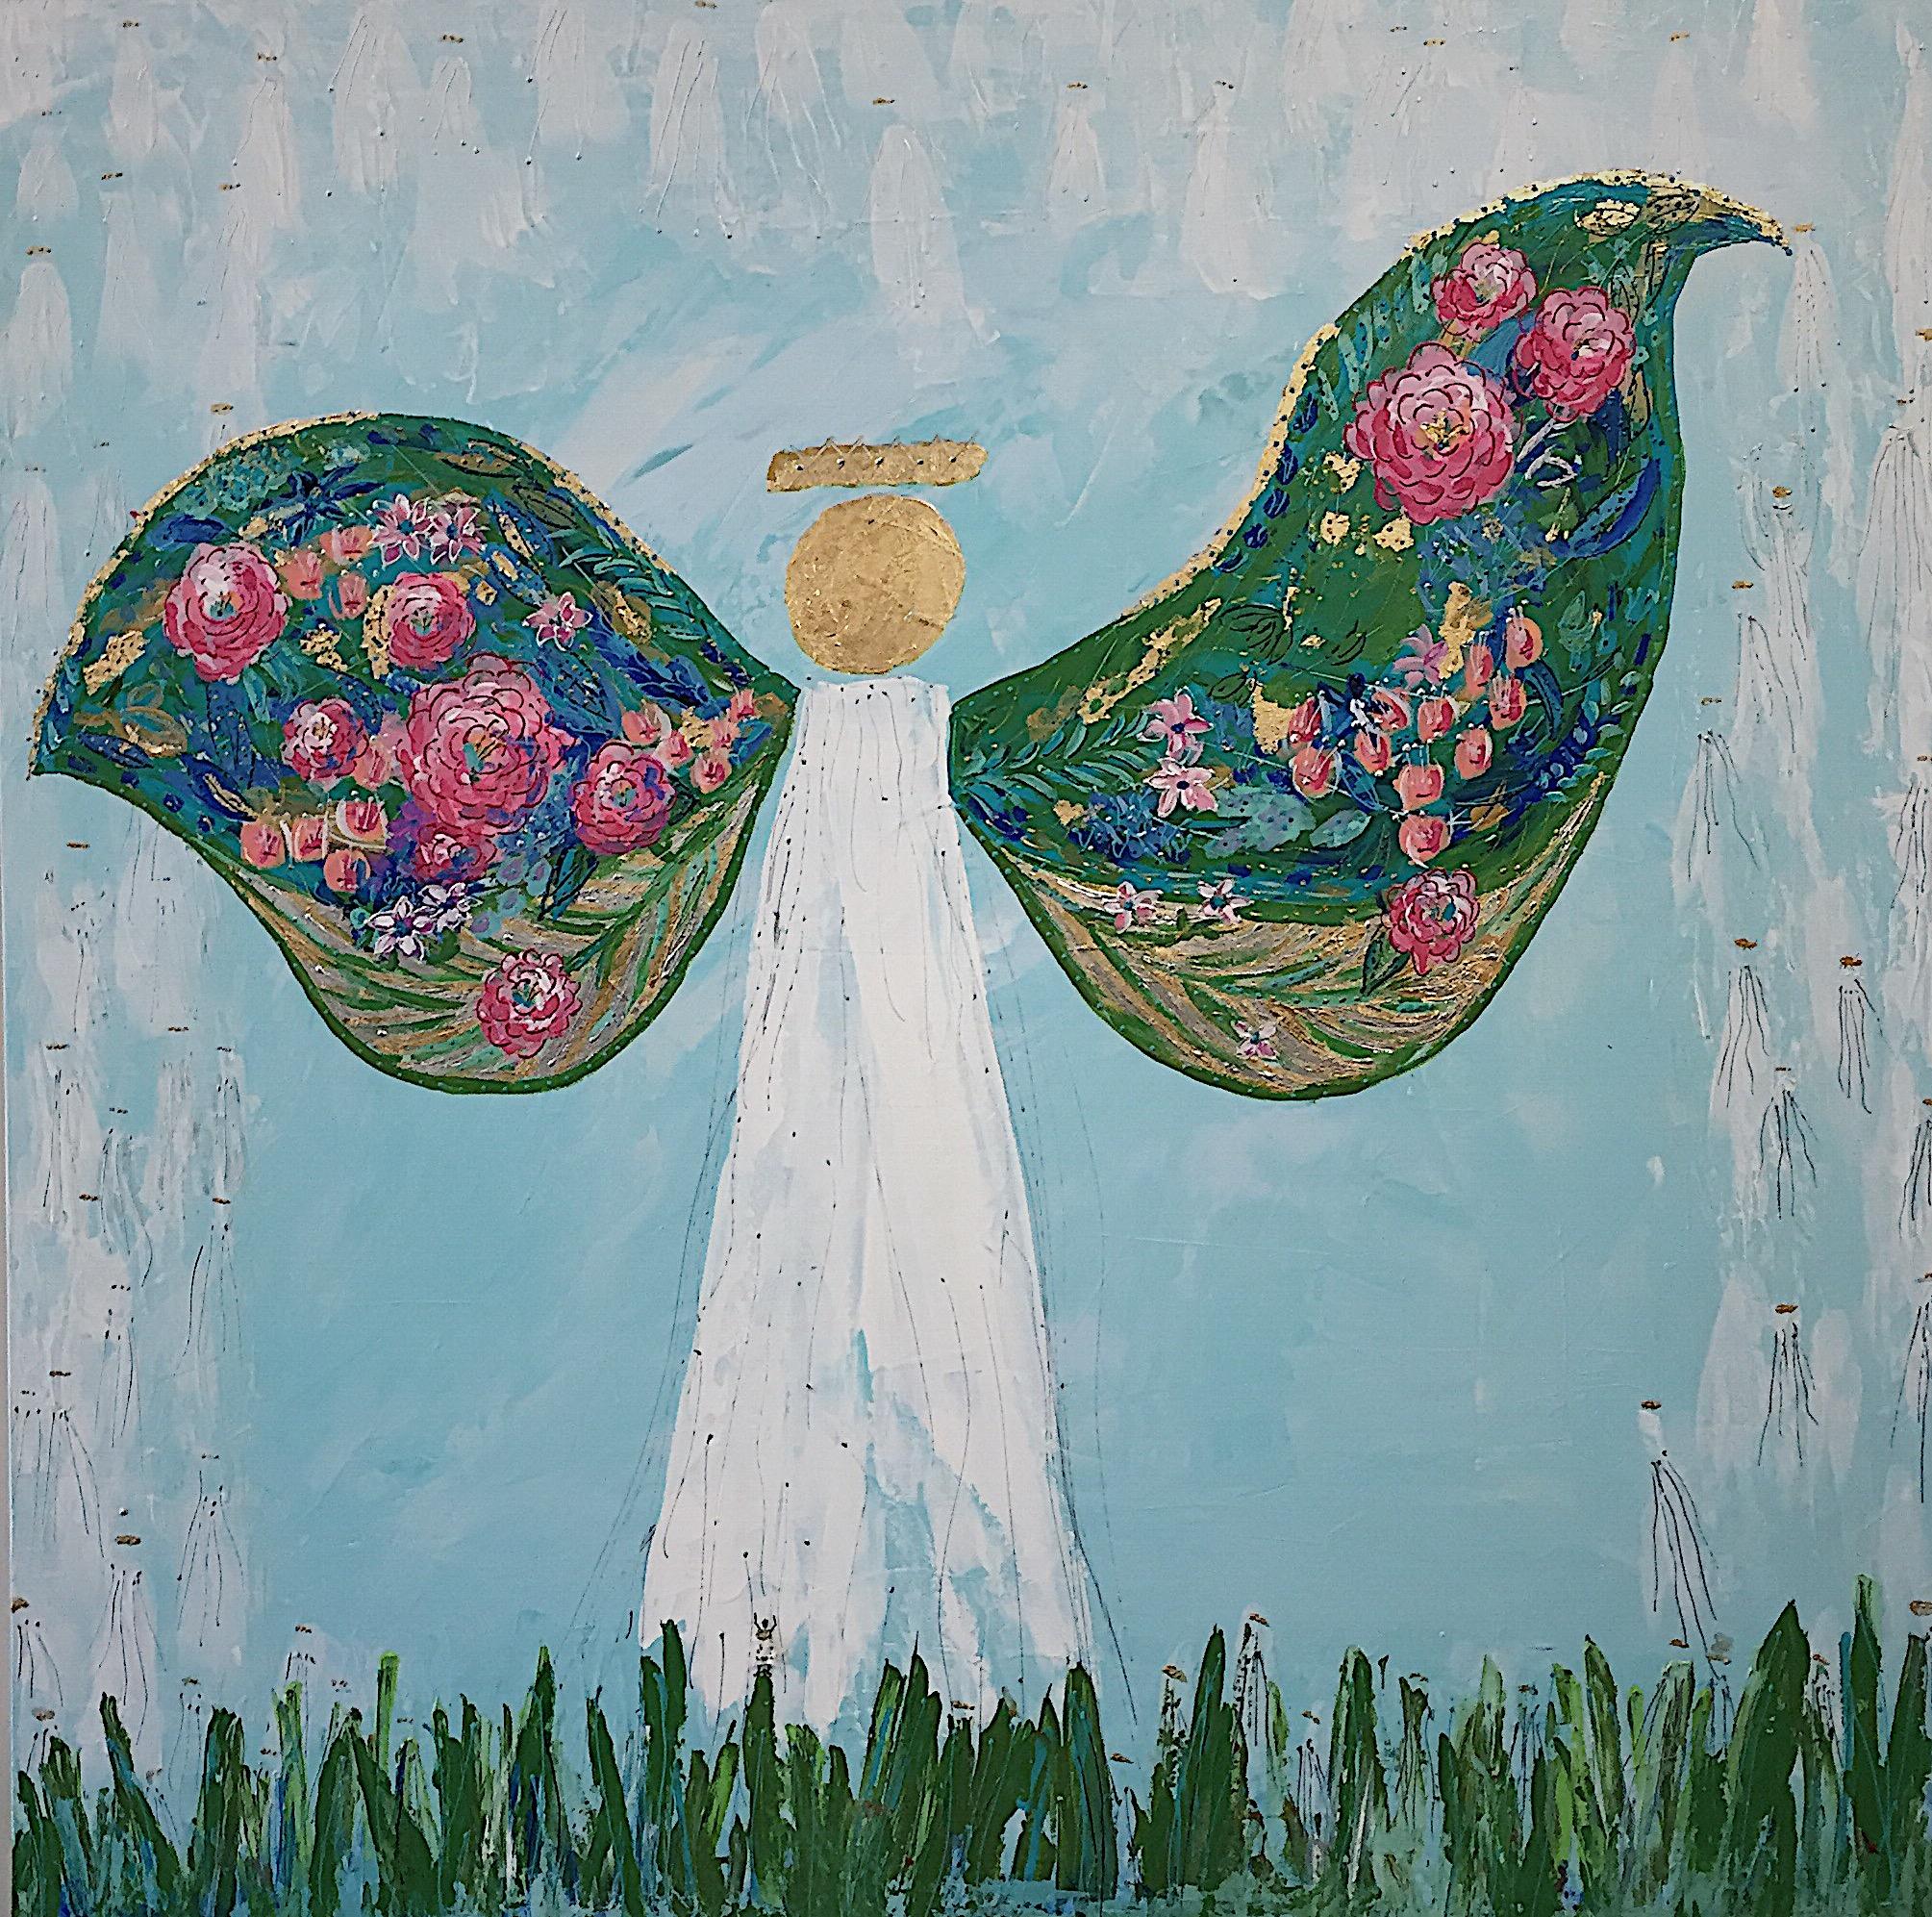 Grassitude Angel